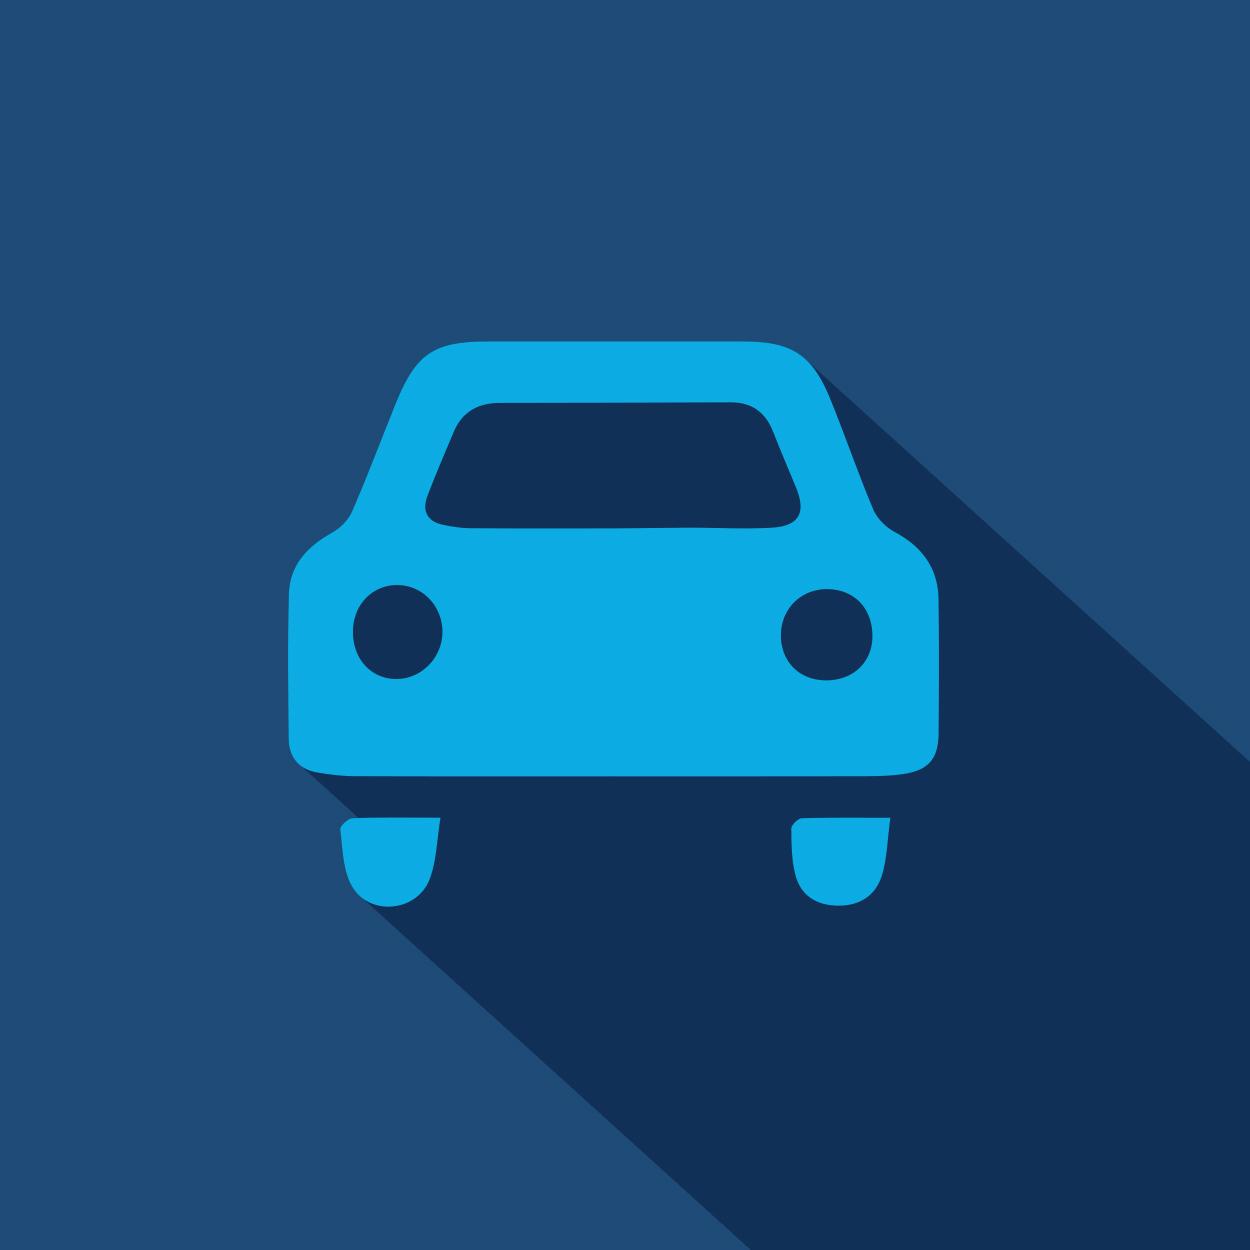 Yeucan Car Carte de stationnement temporaire avec ventouses Veilleuse Num/éro de t/él/éphone Num/éro de t/él/éphone Arr/êt temporaire Plaque de Carte de Signal Argent